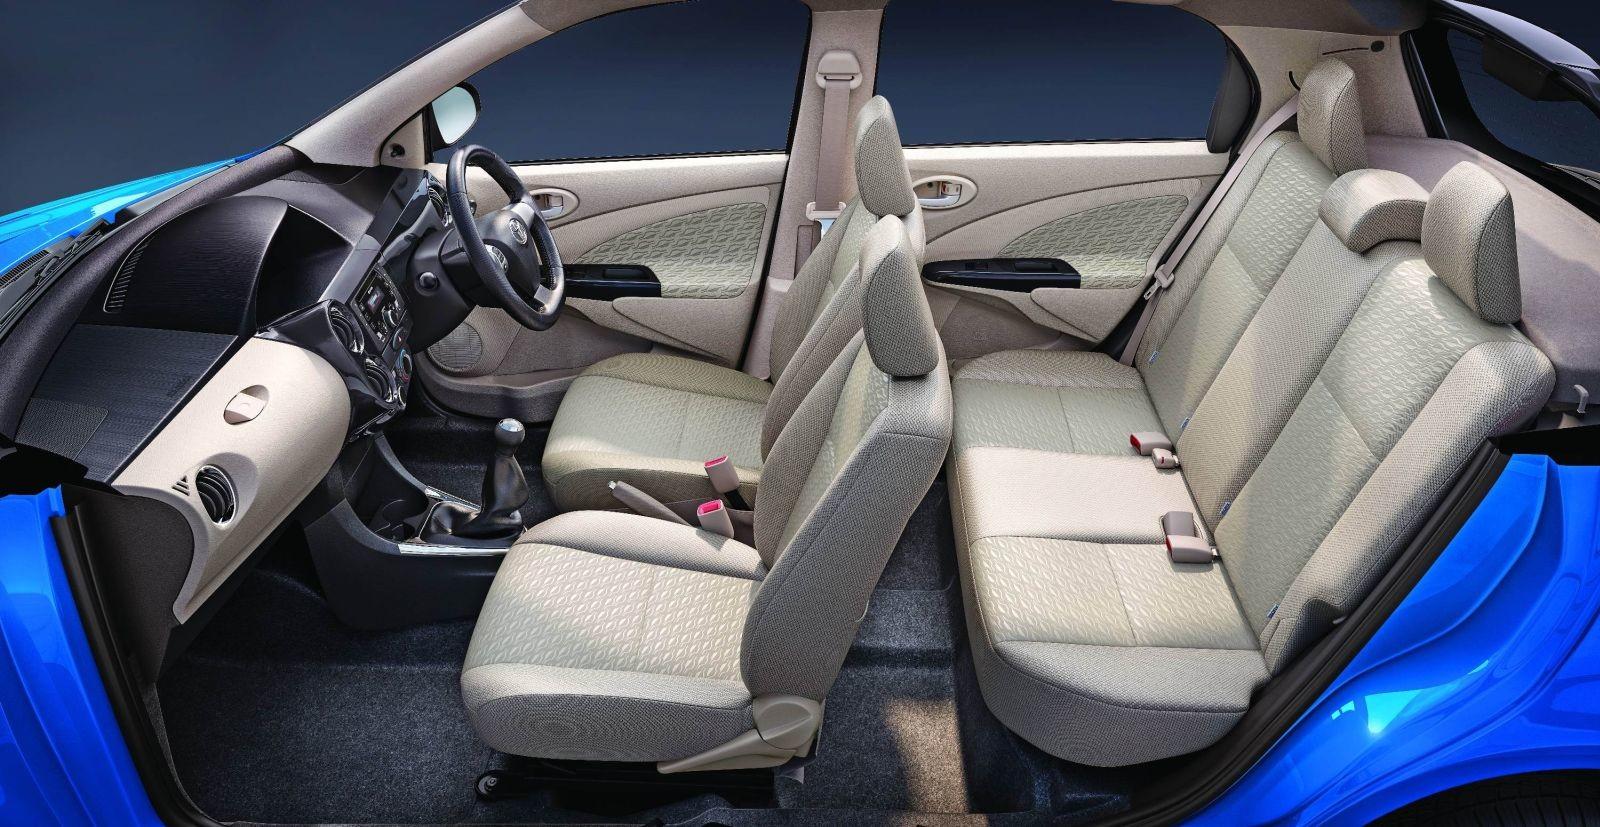 Toyota-Etios-Liva-Dual-Tone-2